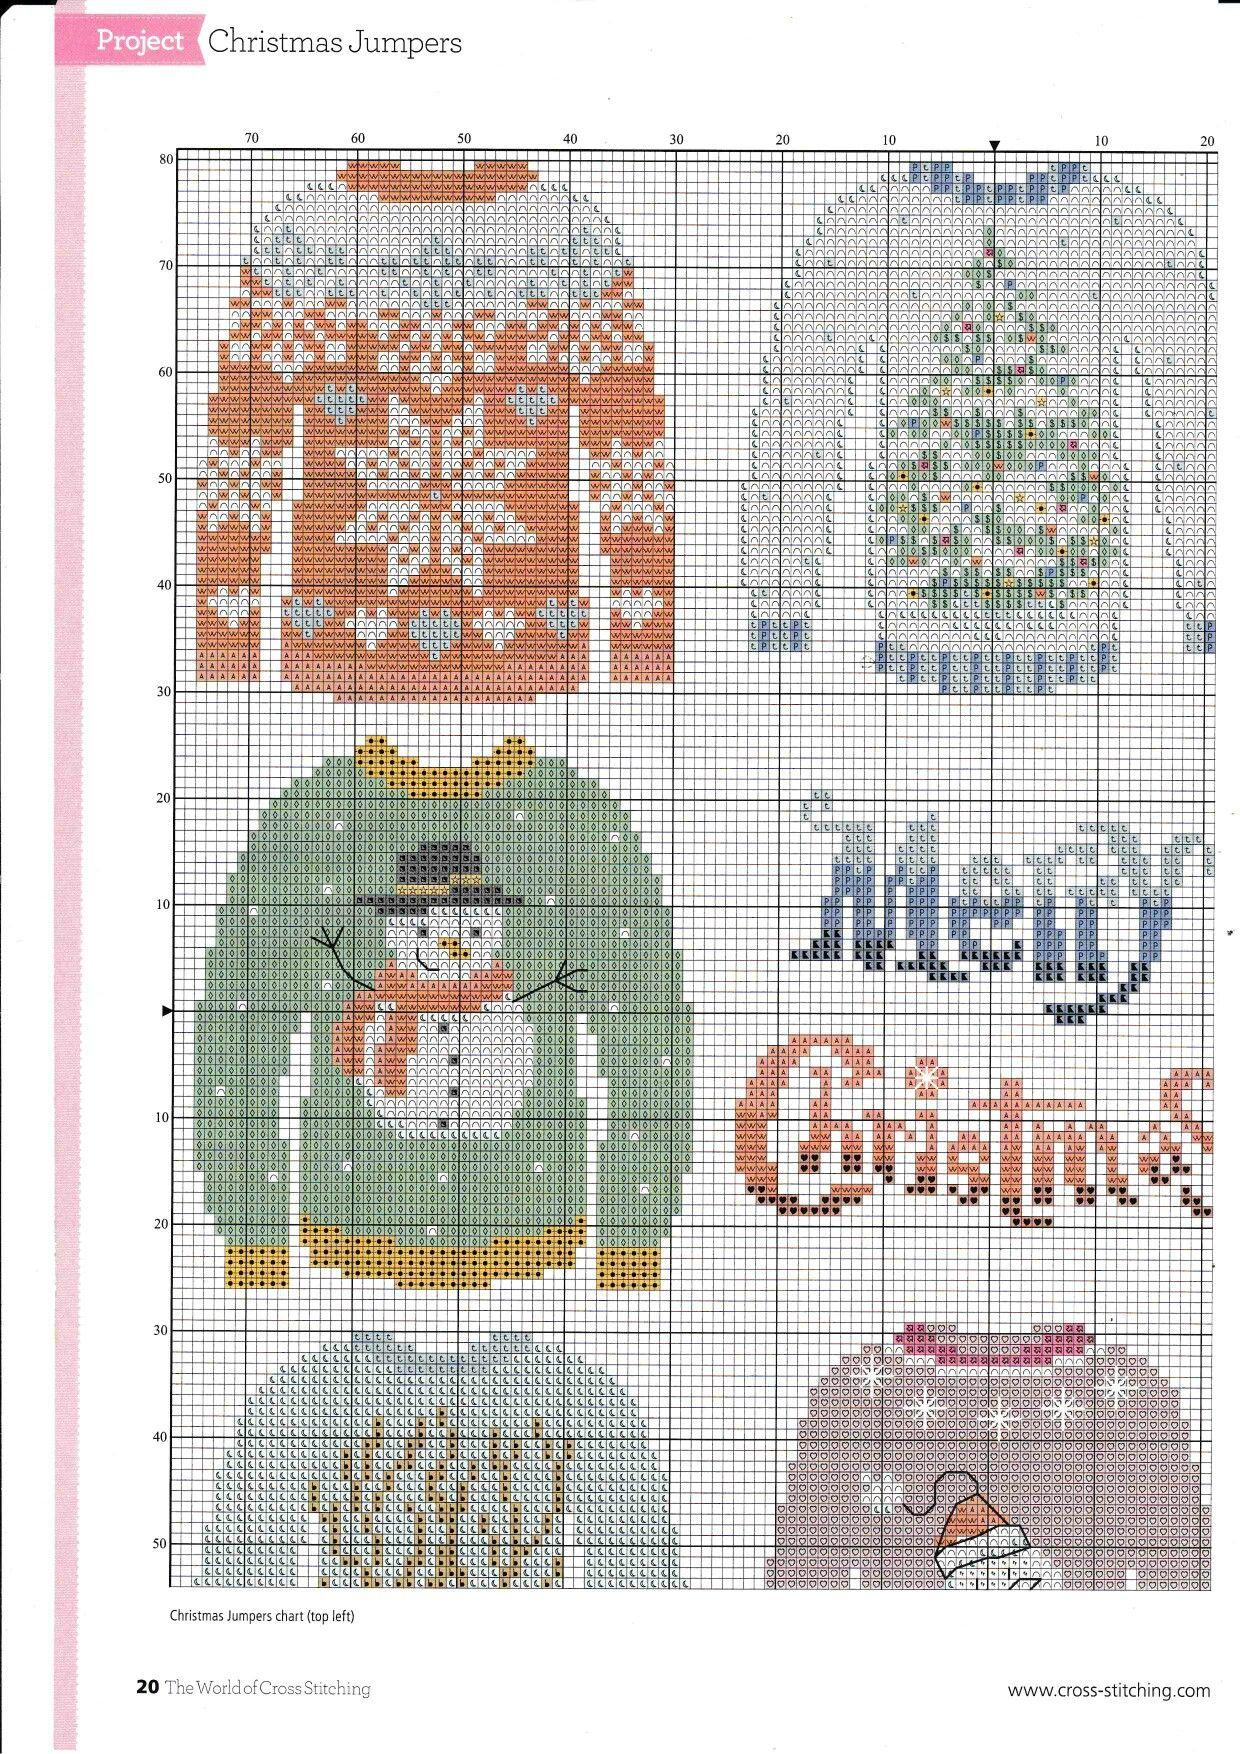 Vistoso Navidad Patrones De Punto Suéteres Patrón - Coser Ideas Para ...